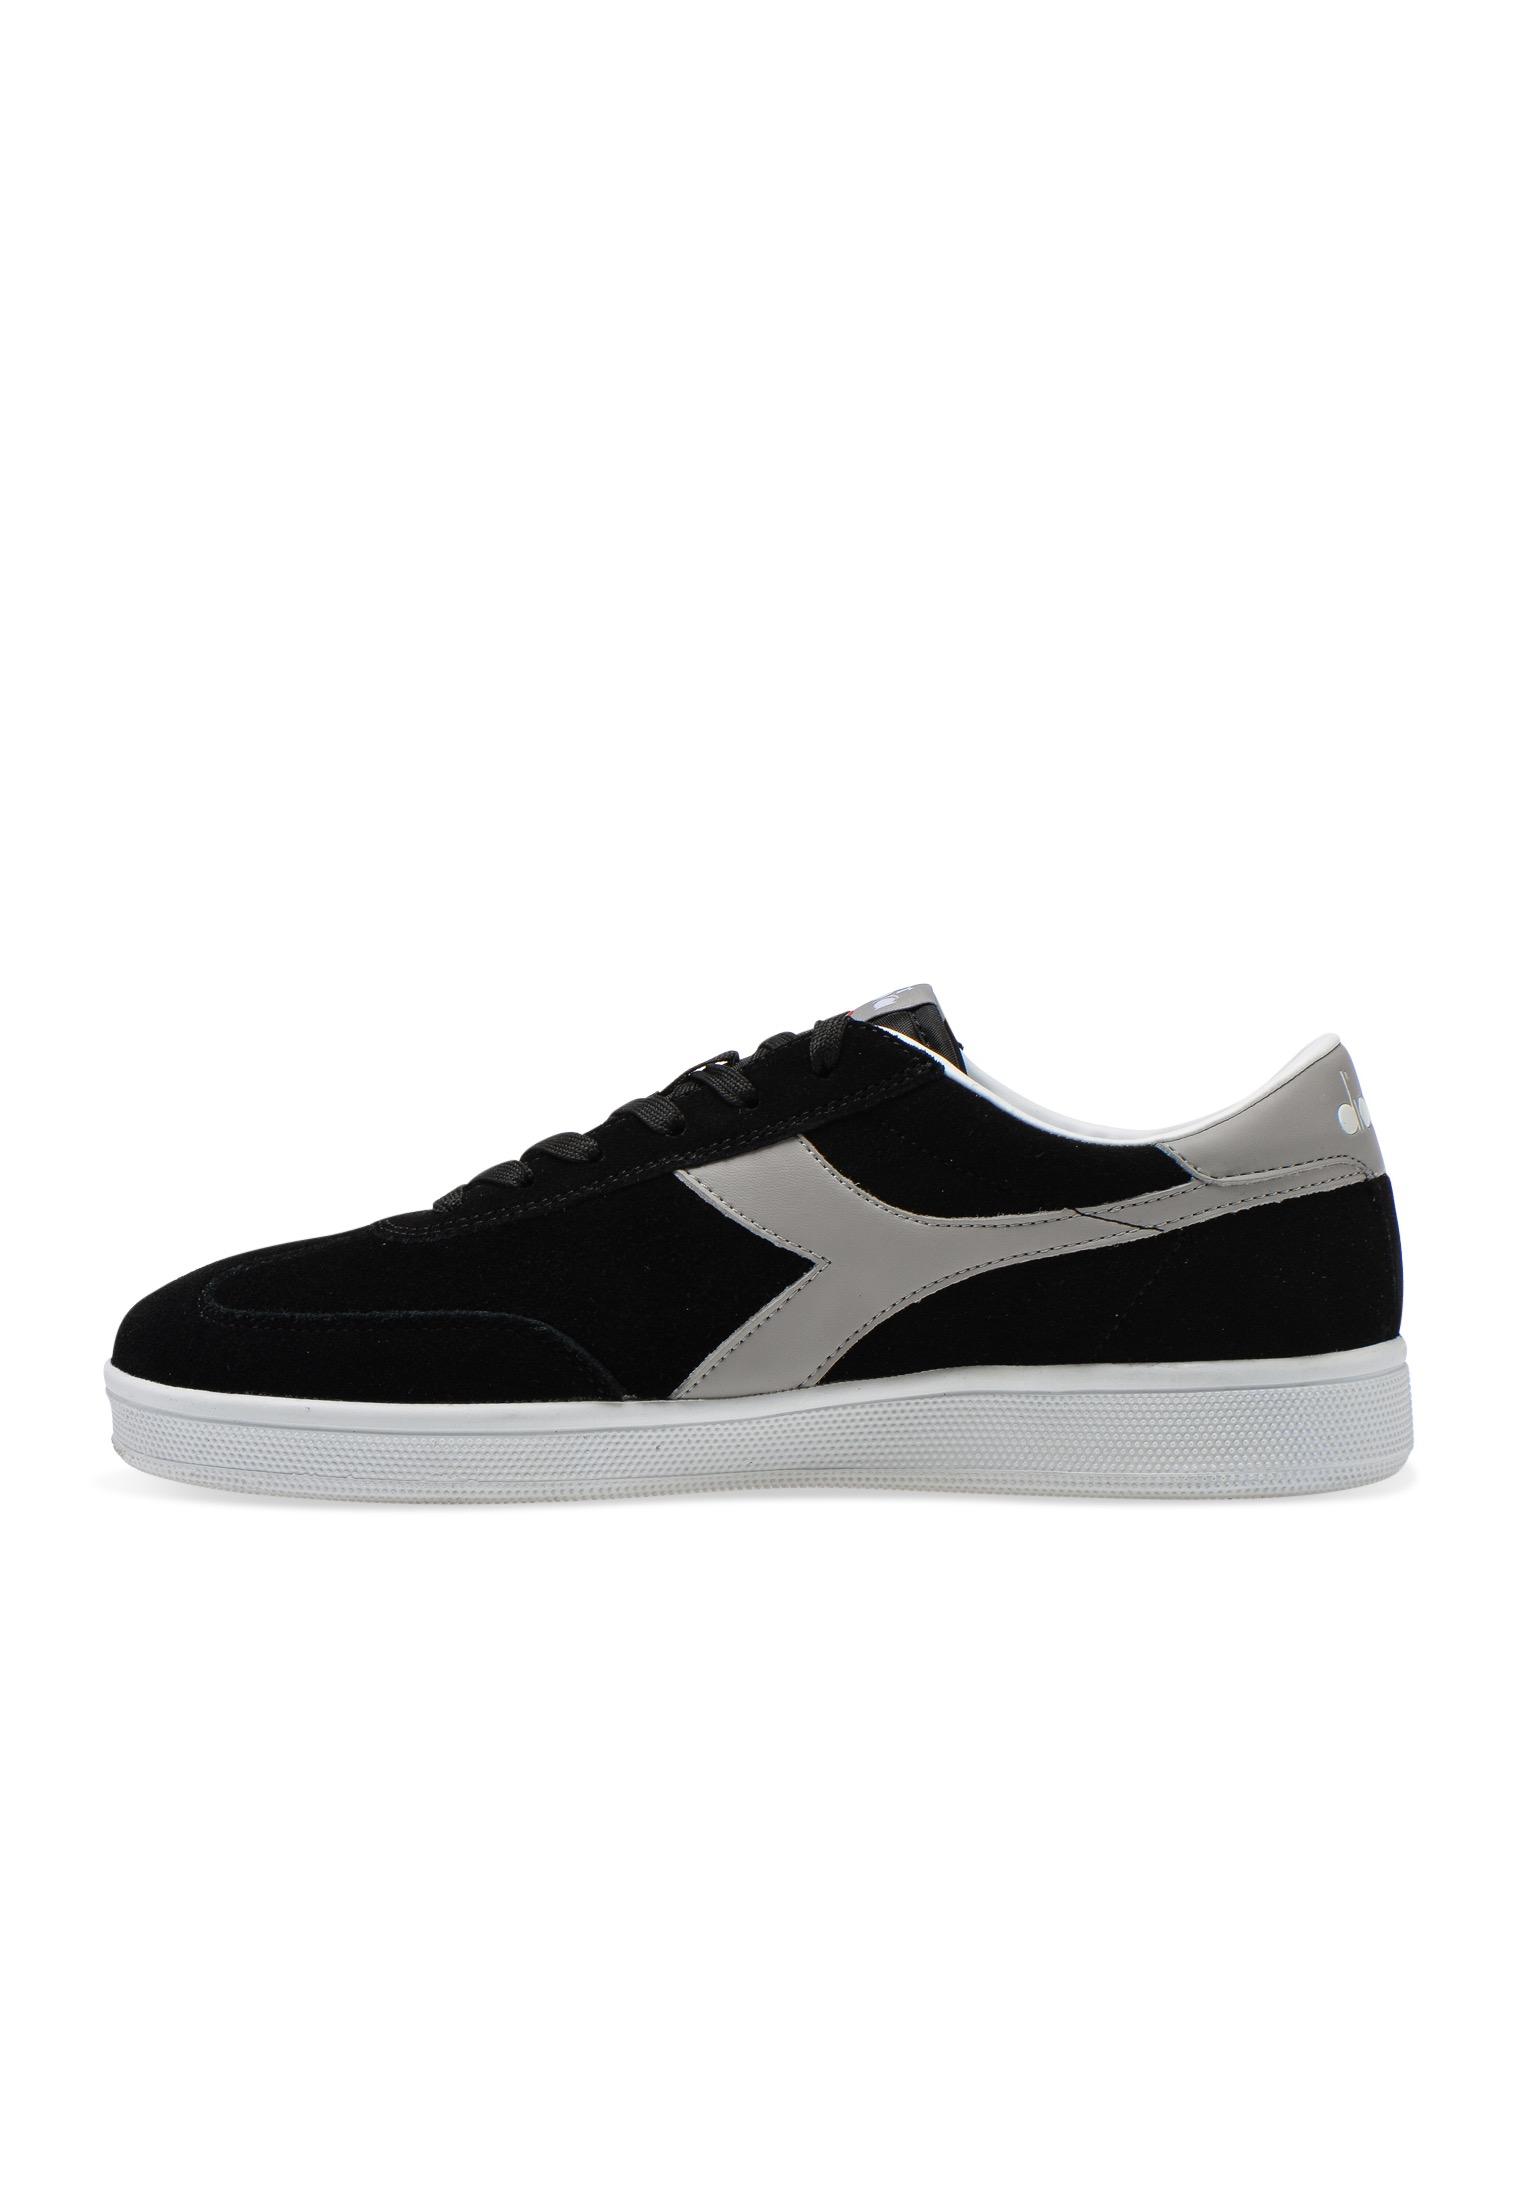 miniatura 27 - Diadora - Sneakers FIELD per uomo e donna